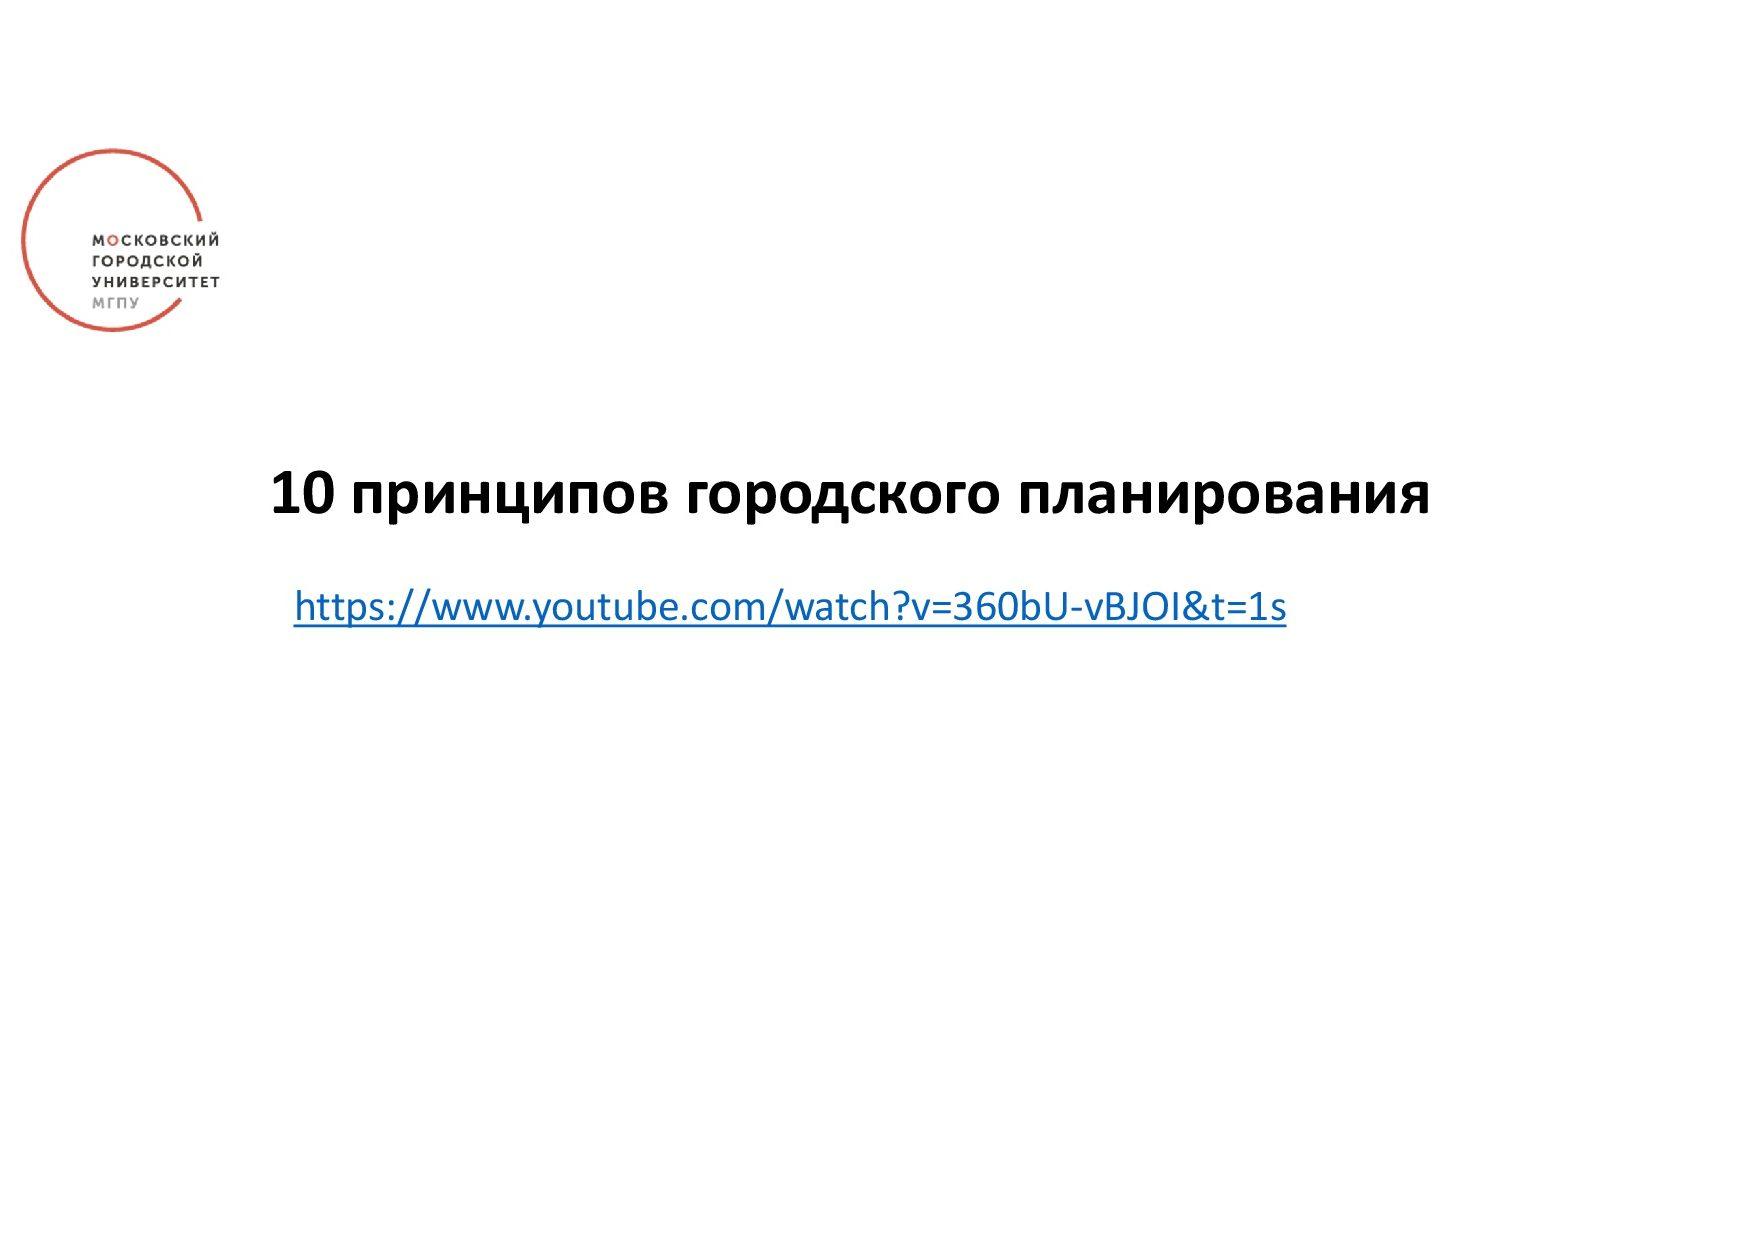 Презентация на МГК -Иванова ЕВ-034